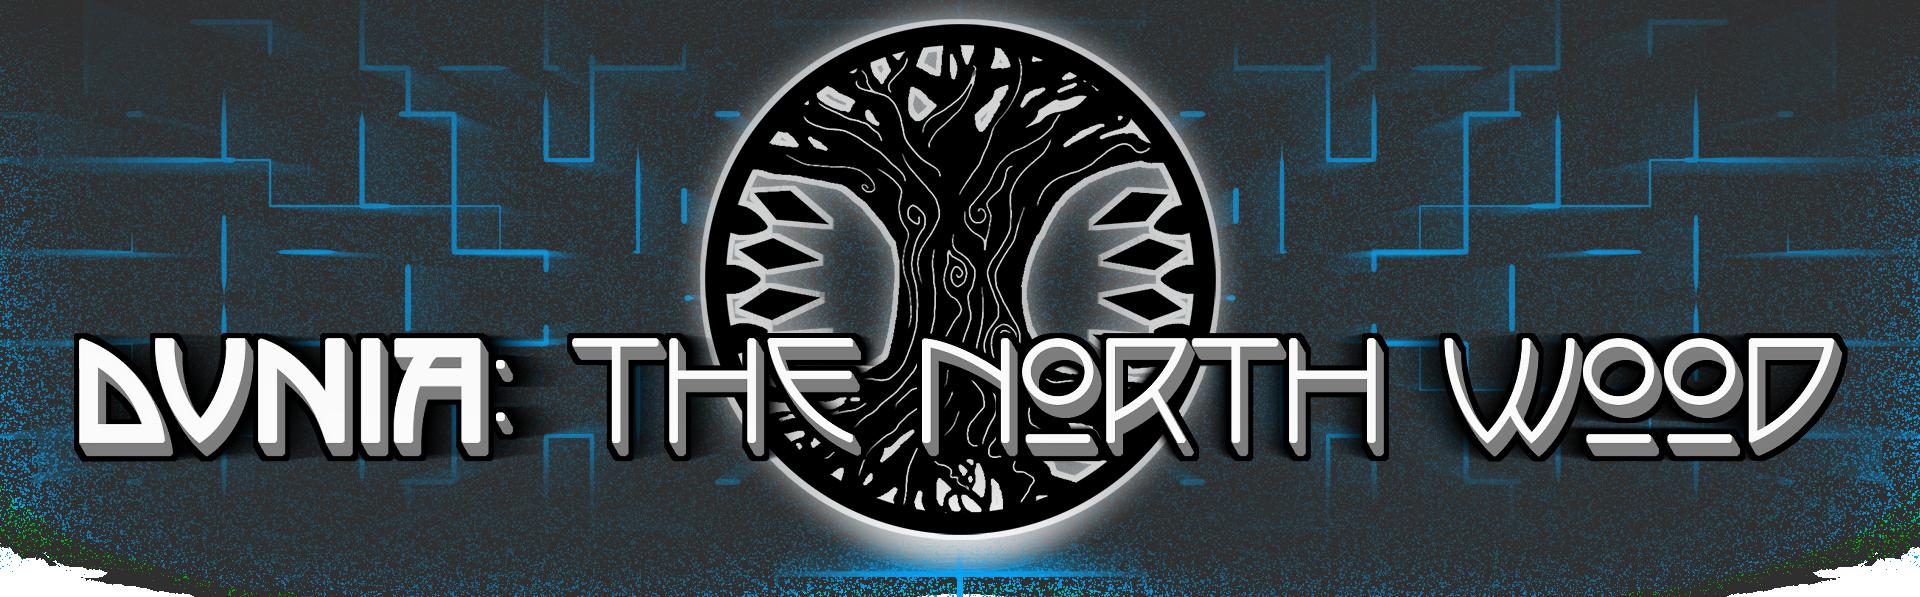 Dunia: The North Wood - Beta